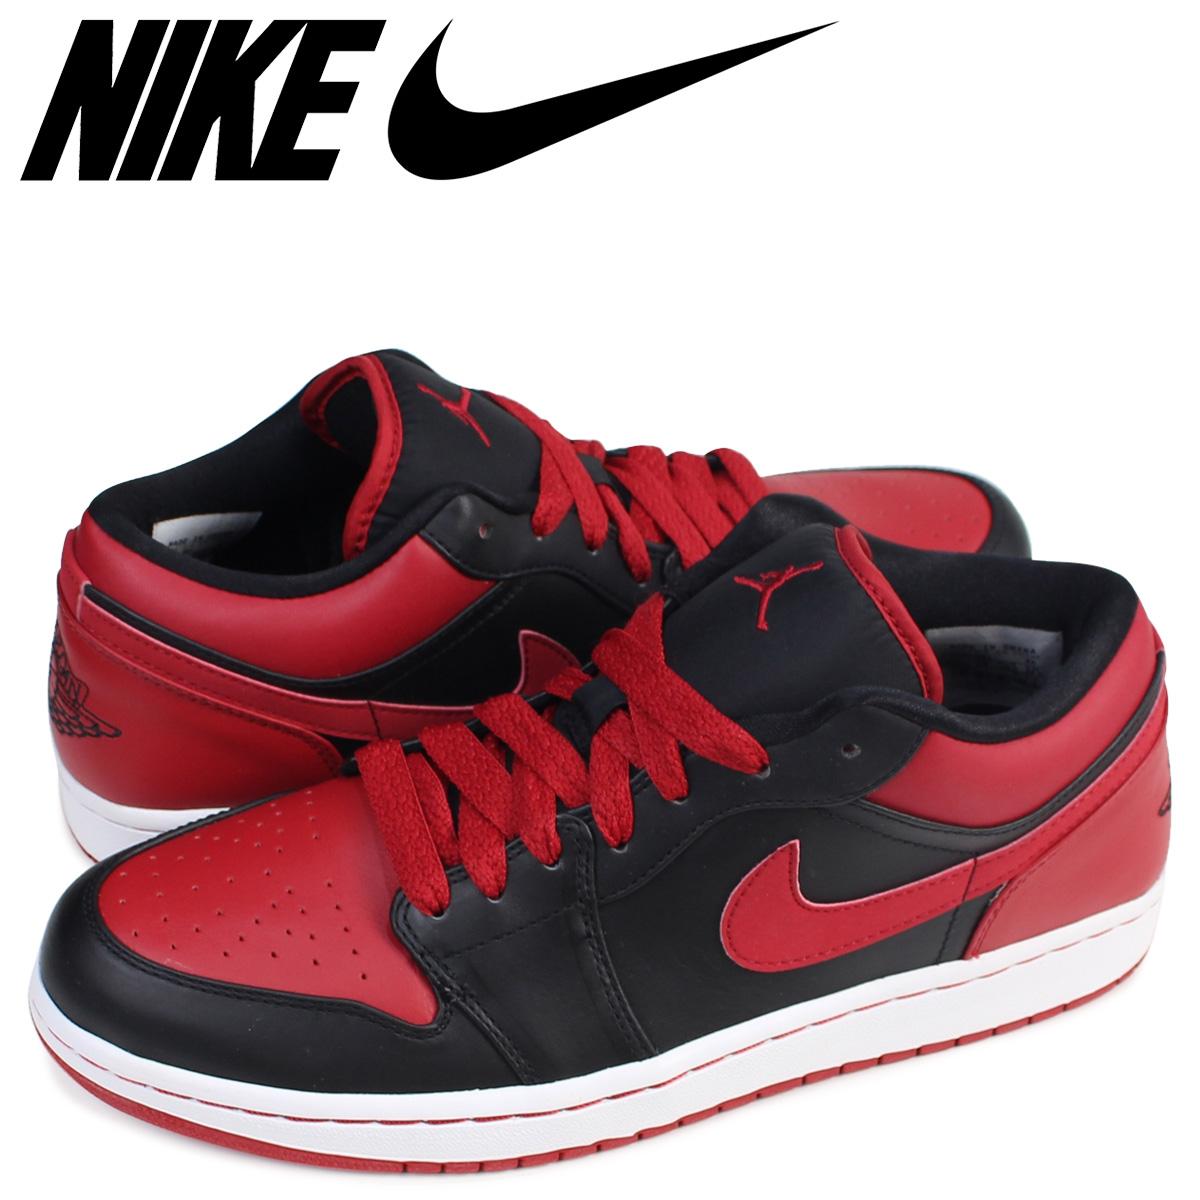 b22ed978655 Nike NIKE Air Jordan 1 sneakers AIR JORDAN 1 PHAT LOW 338,145-061 men's  shoes ...